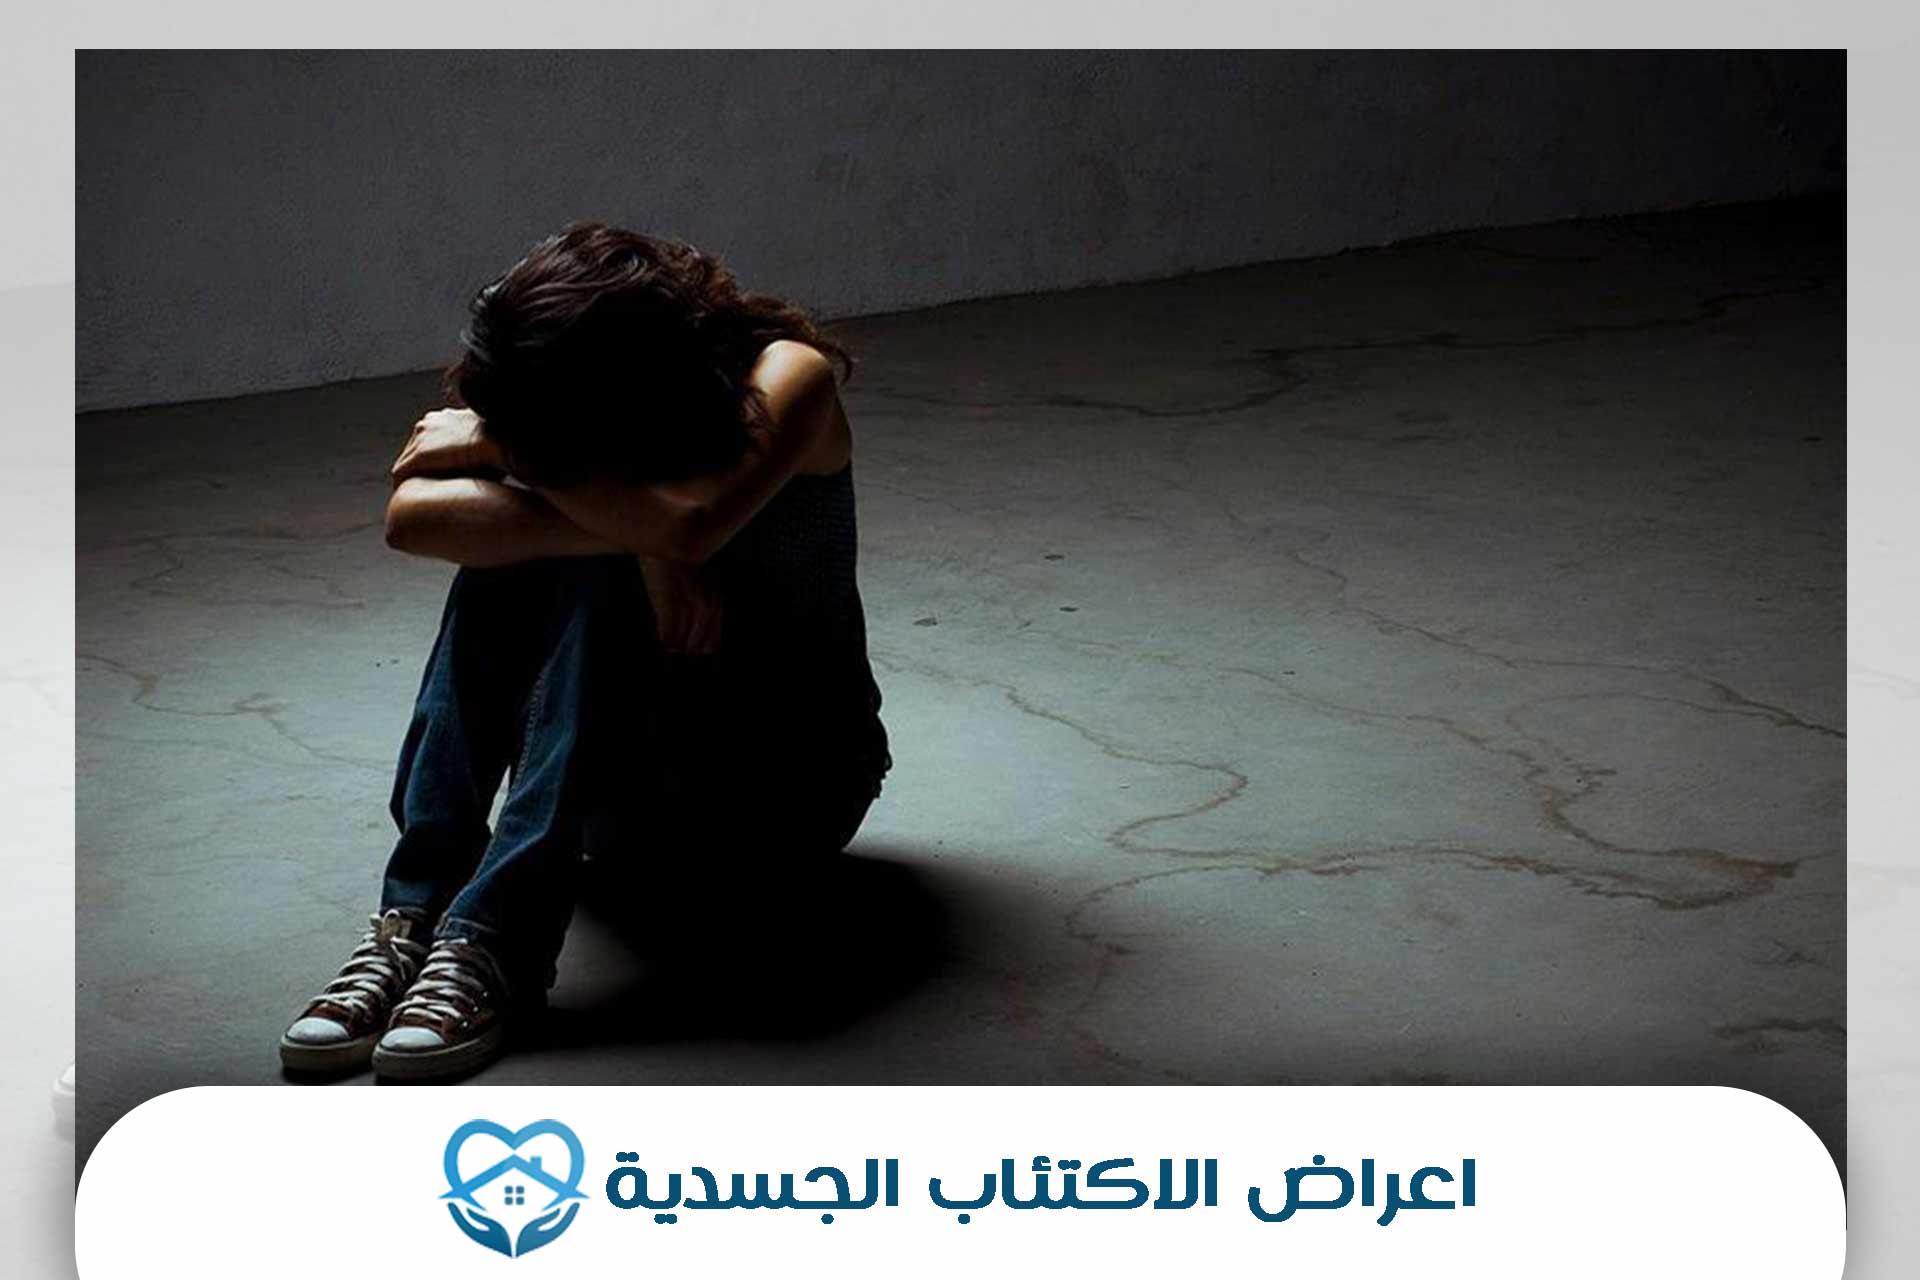 أعراض الاكتئاب الجسدية وسر ظهور الكدمات الزرقاء بشكل مفاجيء مستشفى التعافي